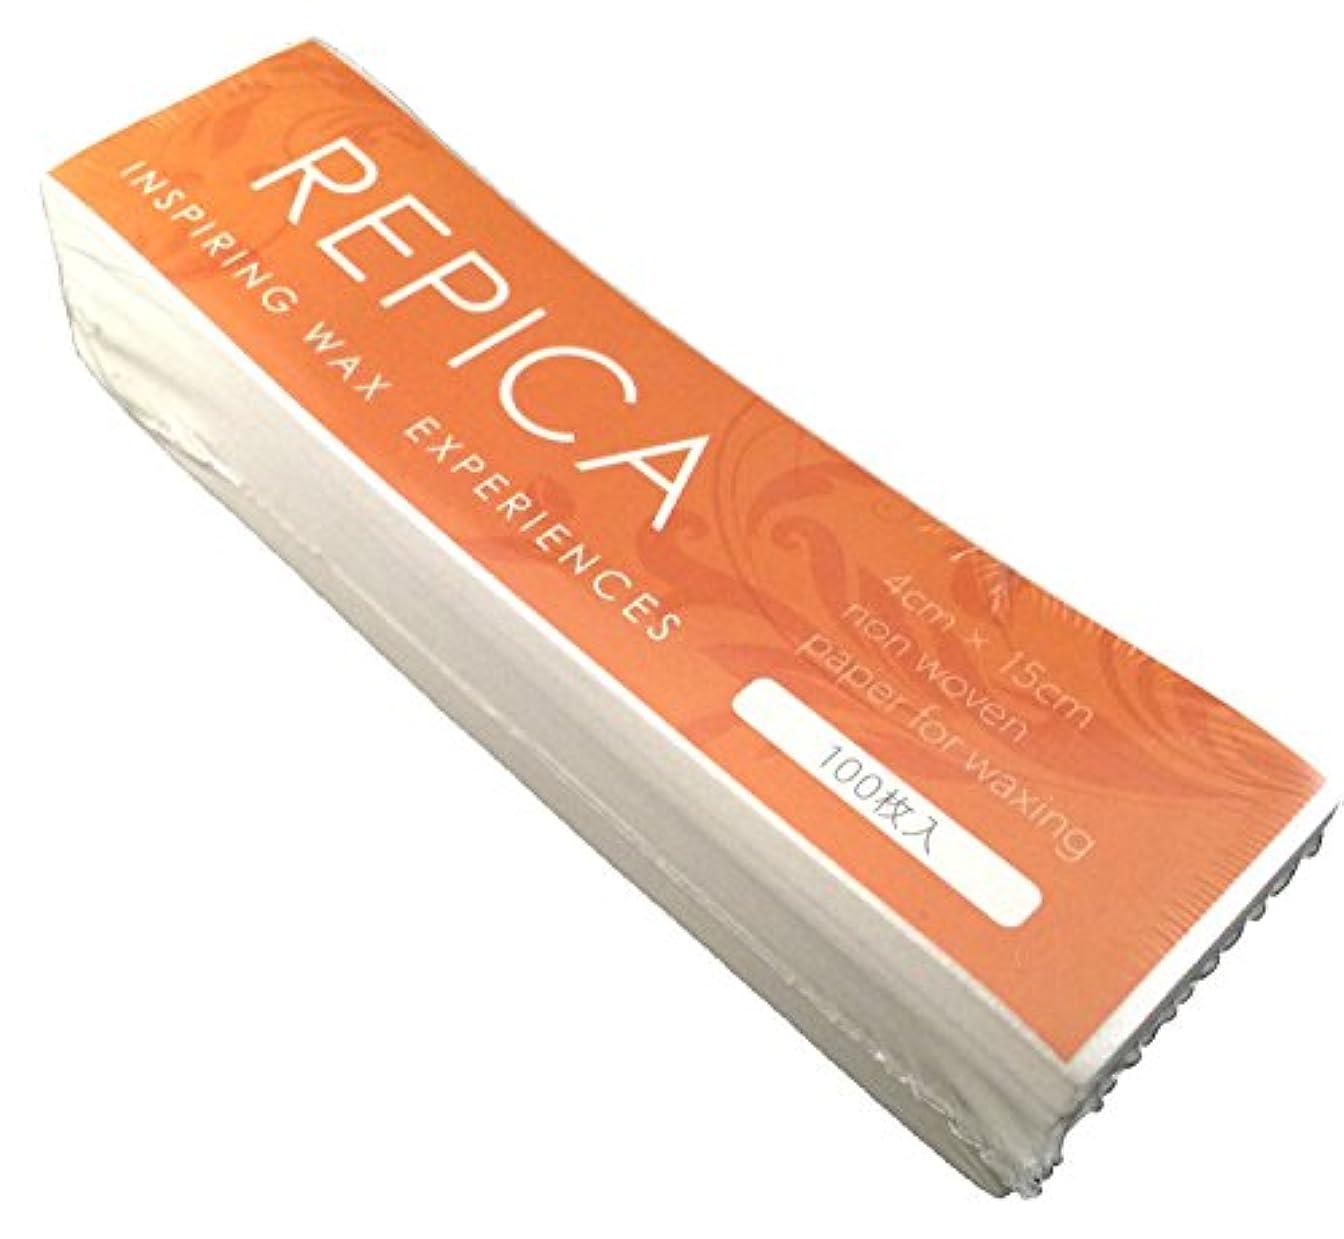 国民セールデコレーションREPICA ブラジリアンワックス脱毛 カットペーパー Sサイズ100枚入り×1個 ワックス脱毛 ワックスシート ストリップシート